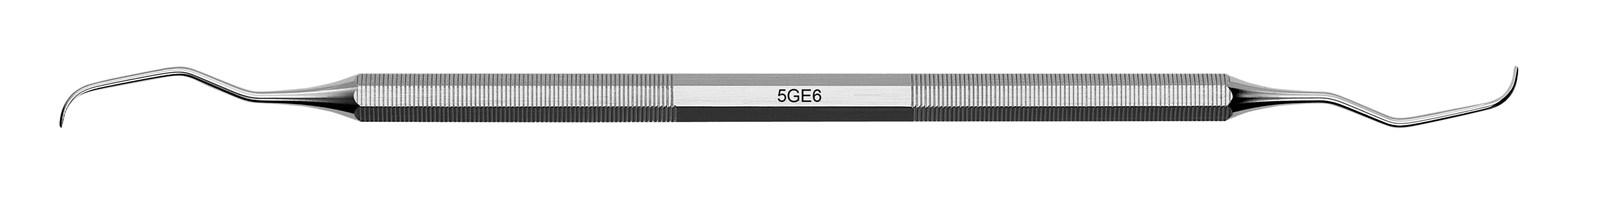 Kyreta Gracey Classic - 5GE6, ADEP silikonový návlek světle modrý